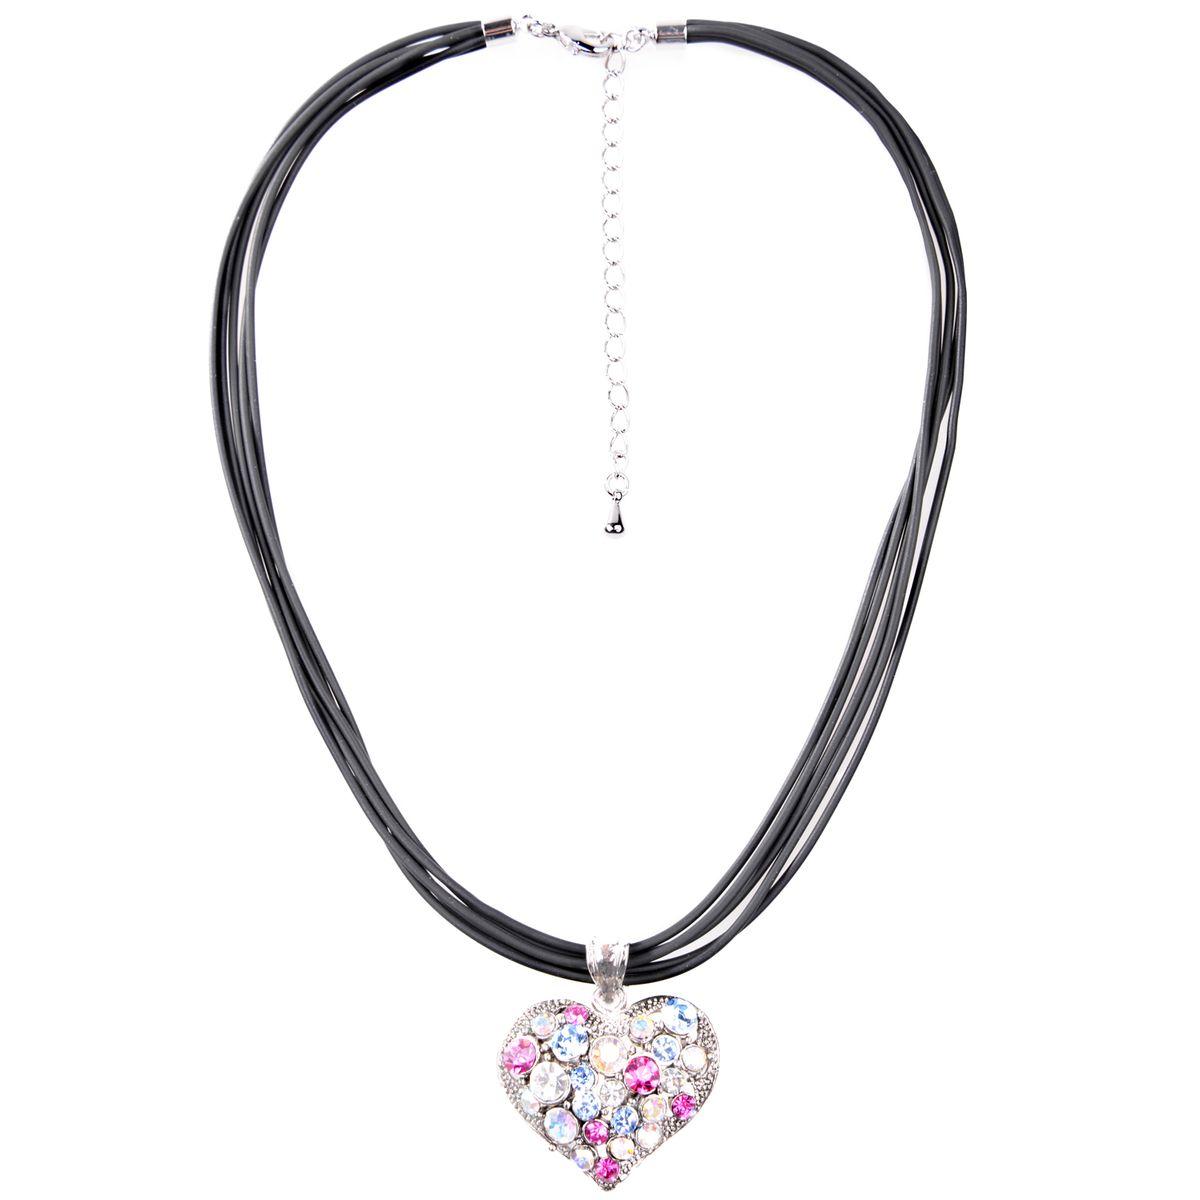 Halskette in Schwarz mit Herz in Pink,Blau von Schlick Accessoires günstig online kaufen